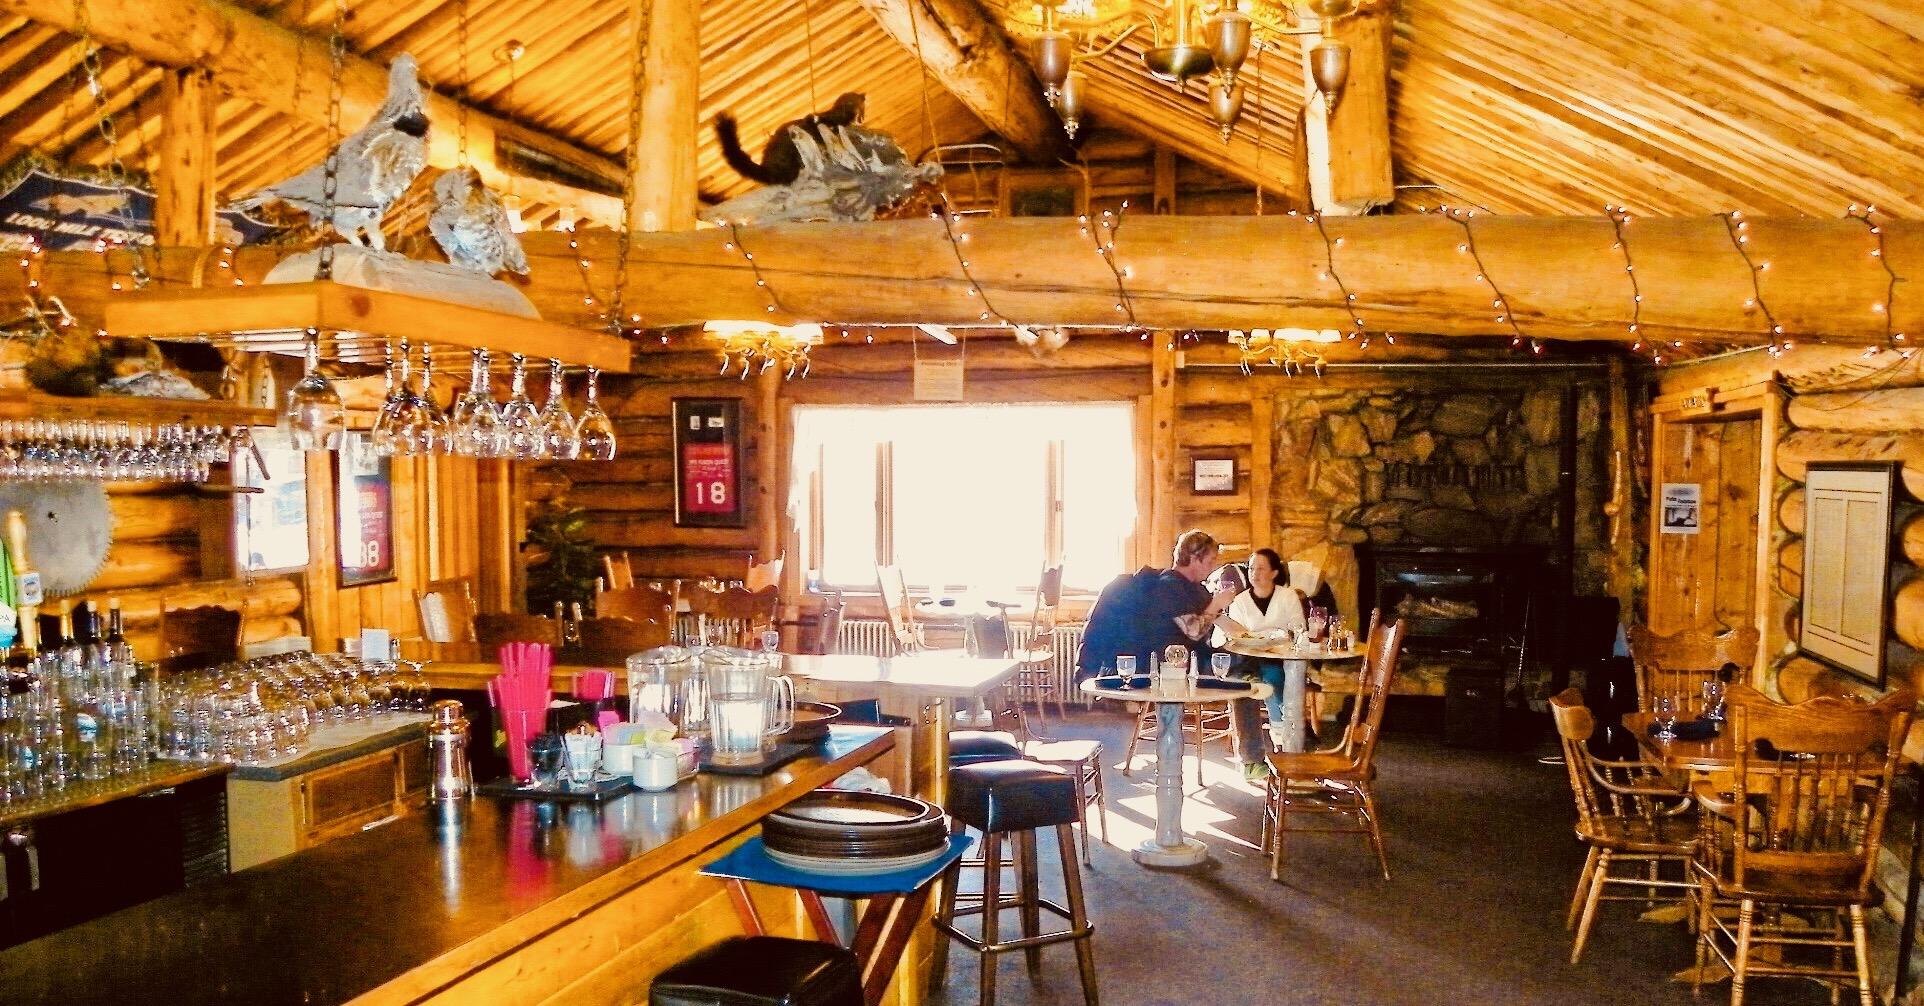 餐厅 - 我们的餐厅有很多阿拉斯加的美食!0700~1100 早餐* (不包含的)1100~1600 午餐1100~2200 晚餐